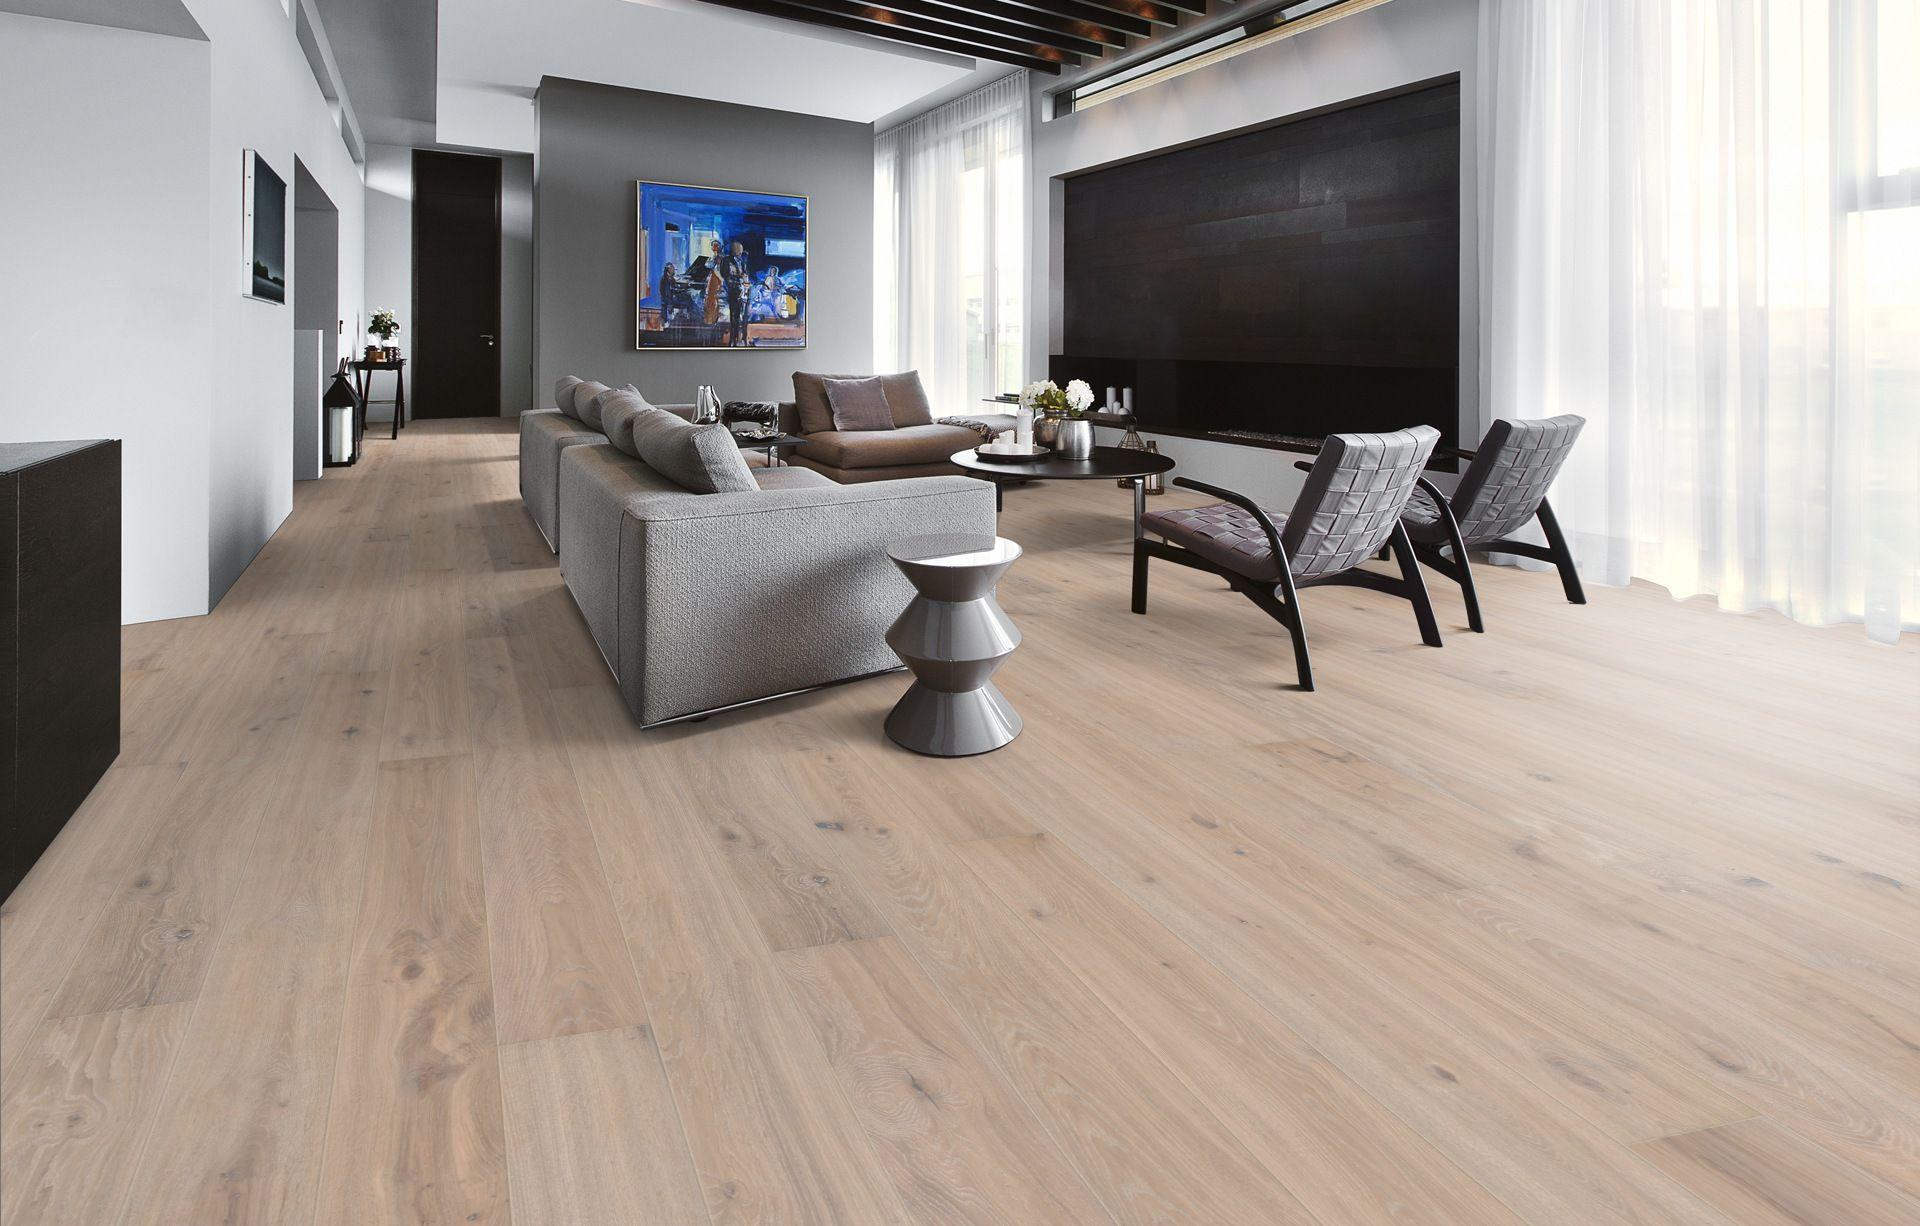 Pin By Kristin Langaker On Vakre Gulv Engineered Wood Floors Luxury Flooring Floor Design